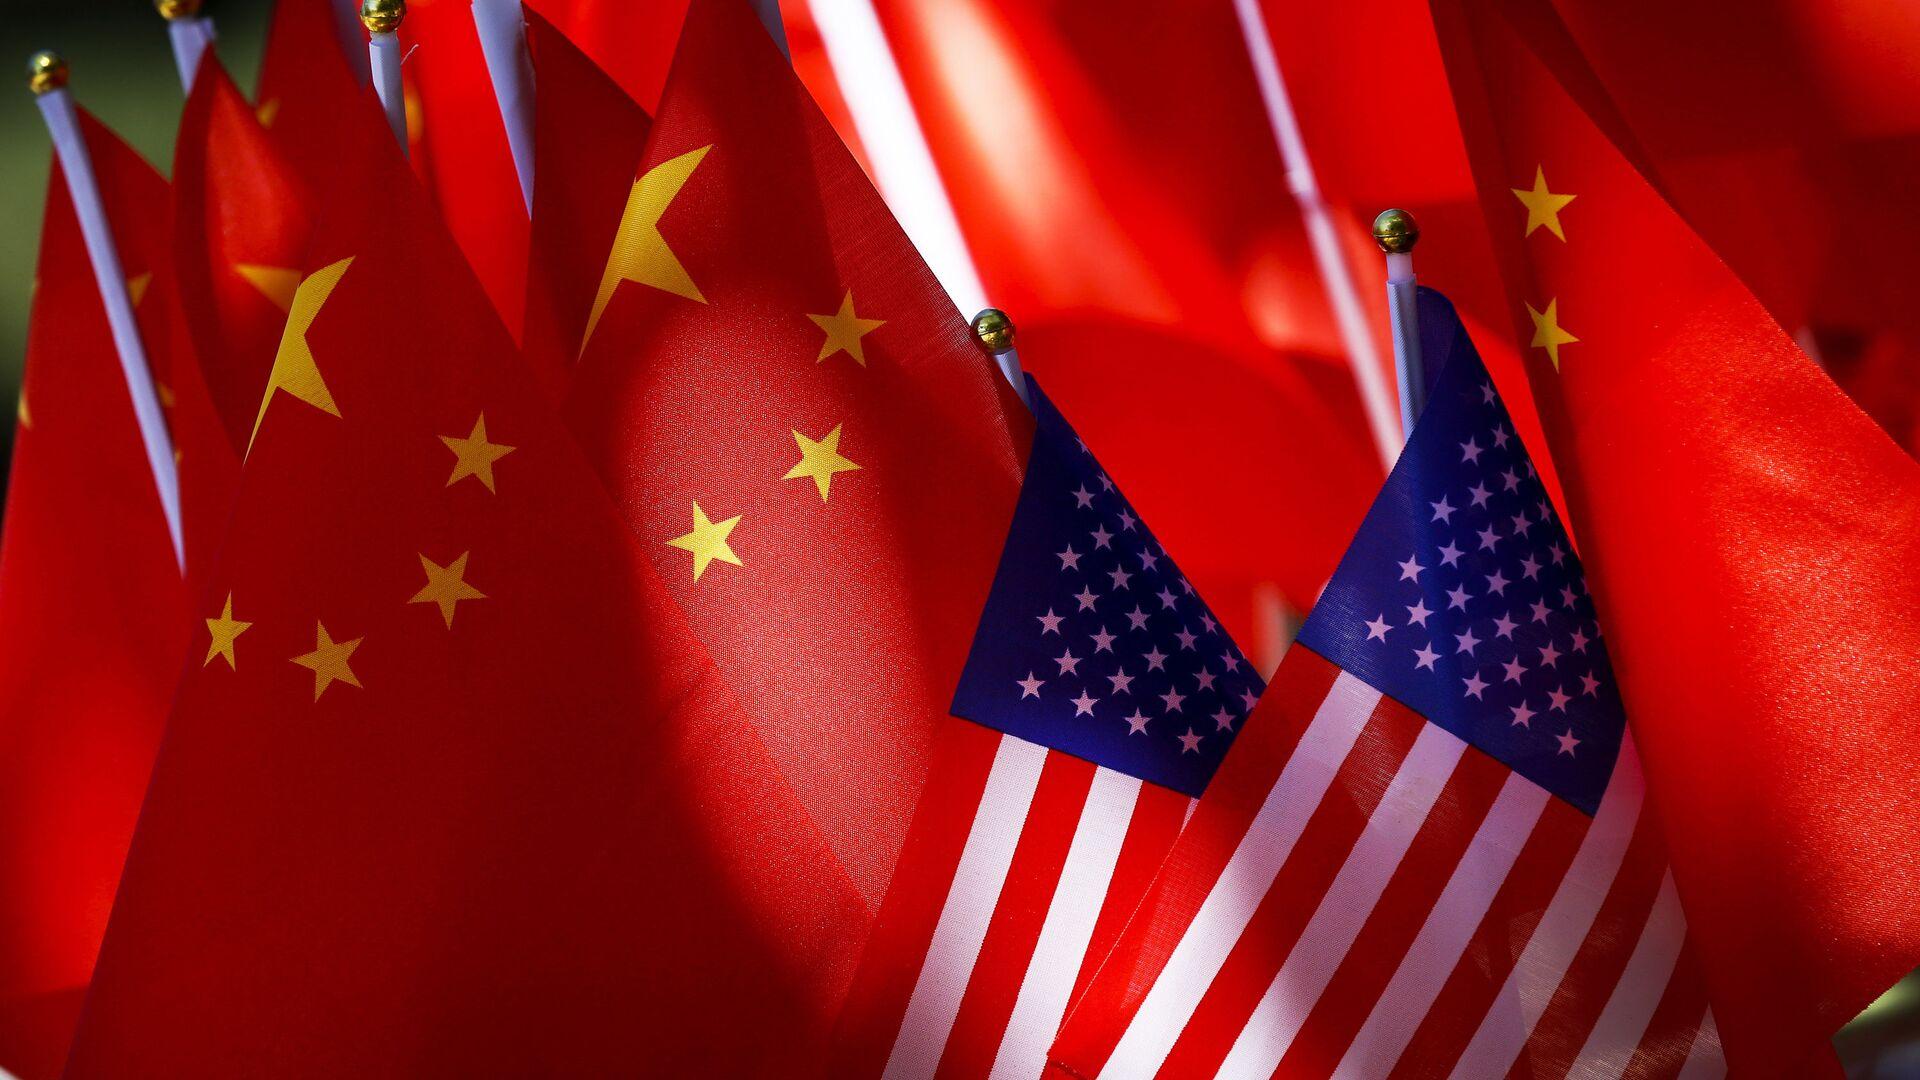 Banderas de EEUU y China - Sputnik Mundo, 1920, 11.03.2021